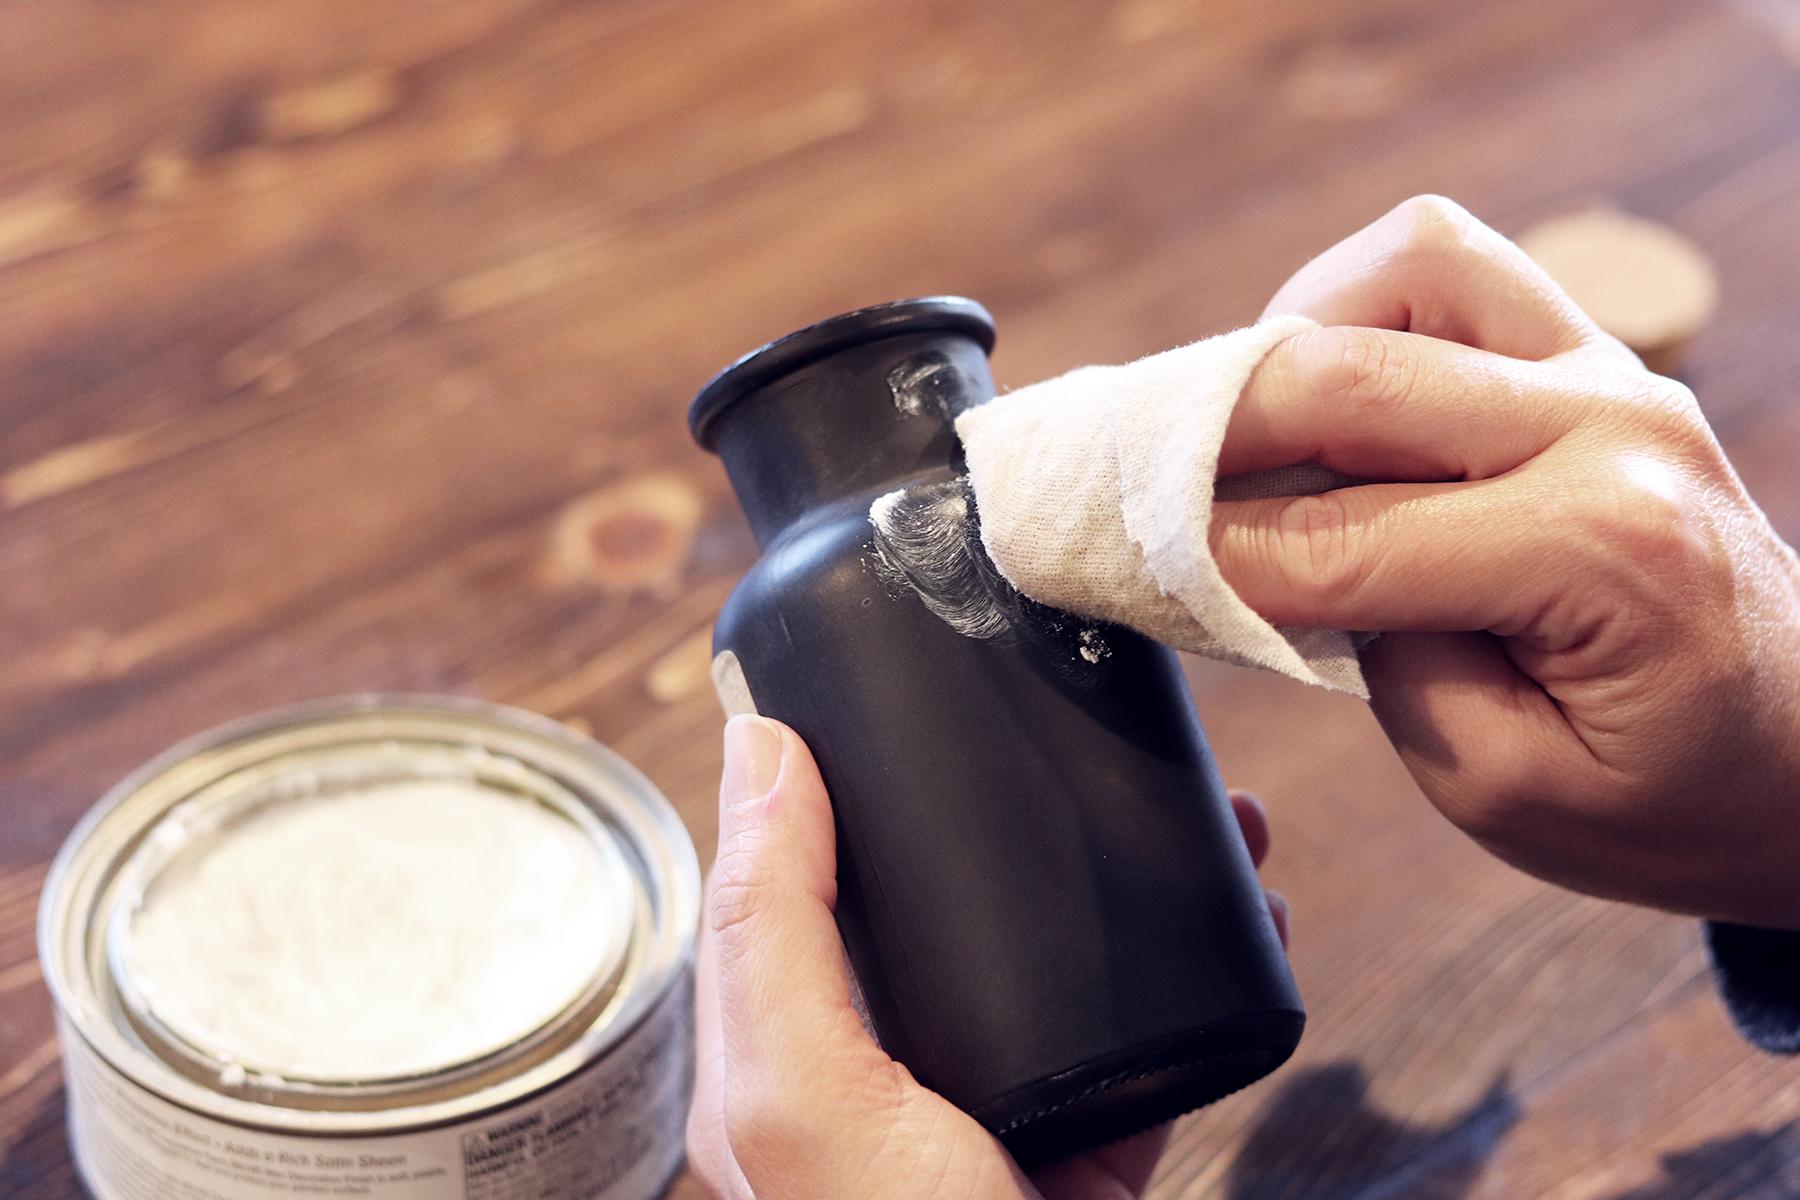 Boroughfare Applying White Wax to Bottle